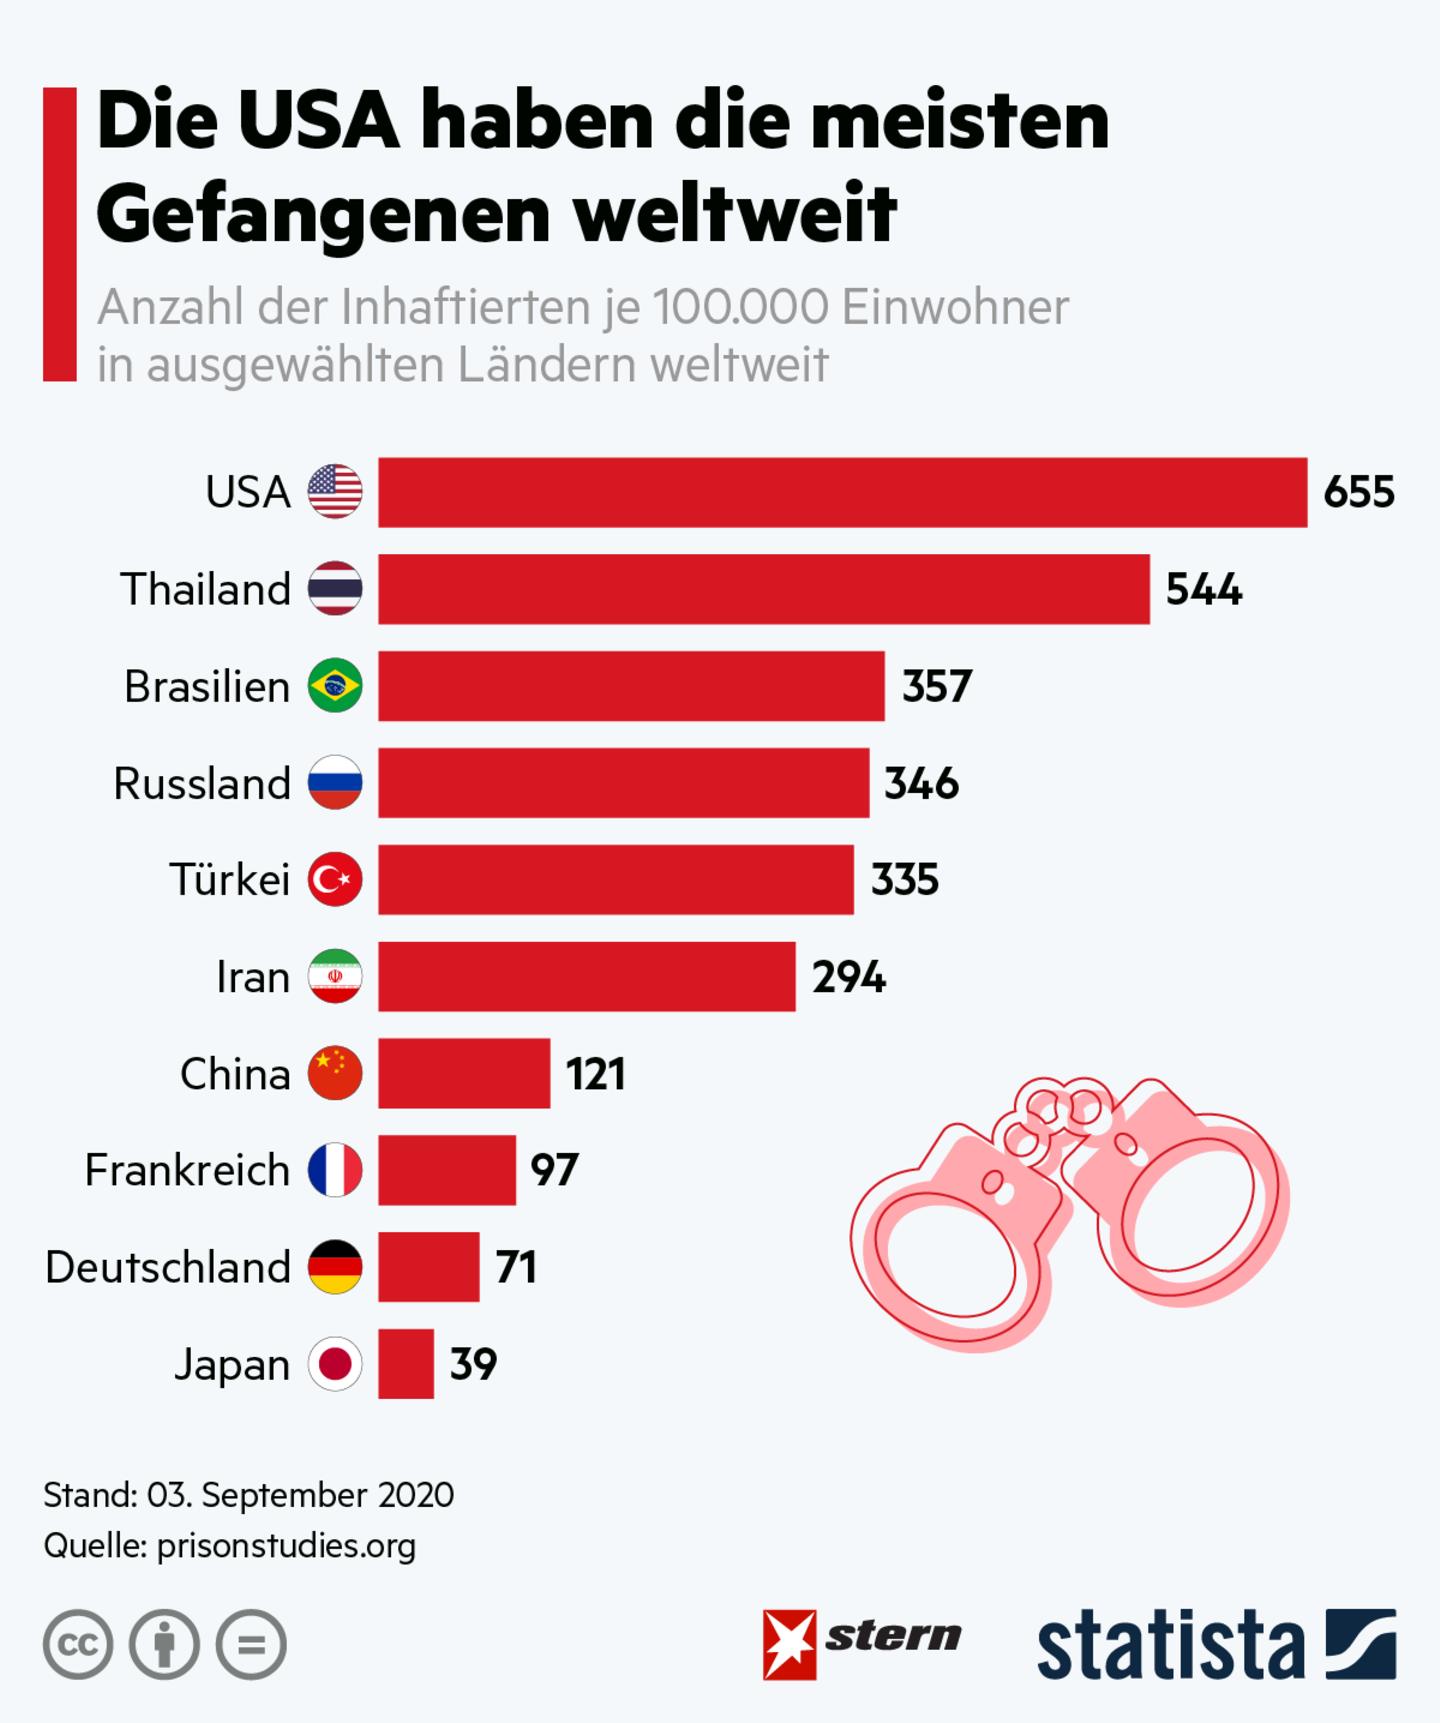 Kriminelle:  Die USA haben die meisten Gefangenen weltweit